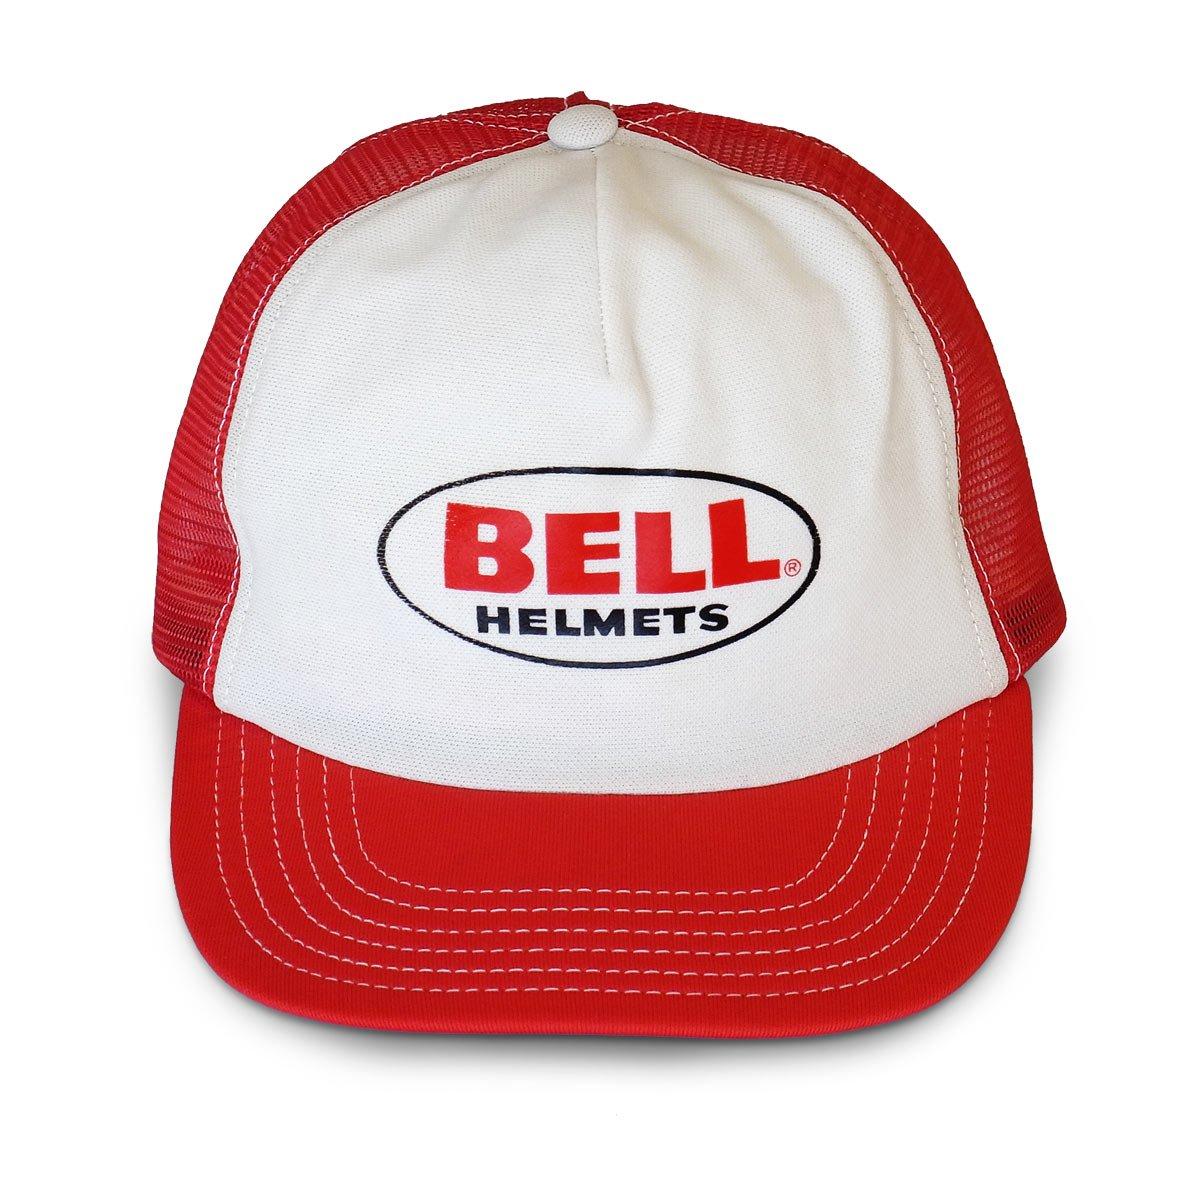 BELL HELMETS VINTAGE CAP